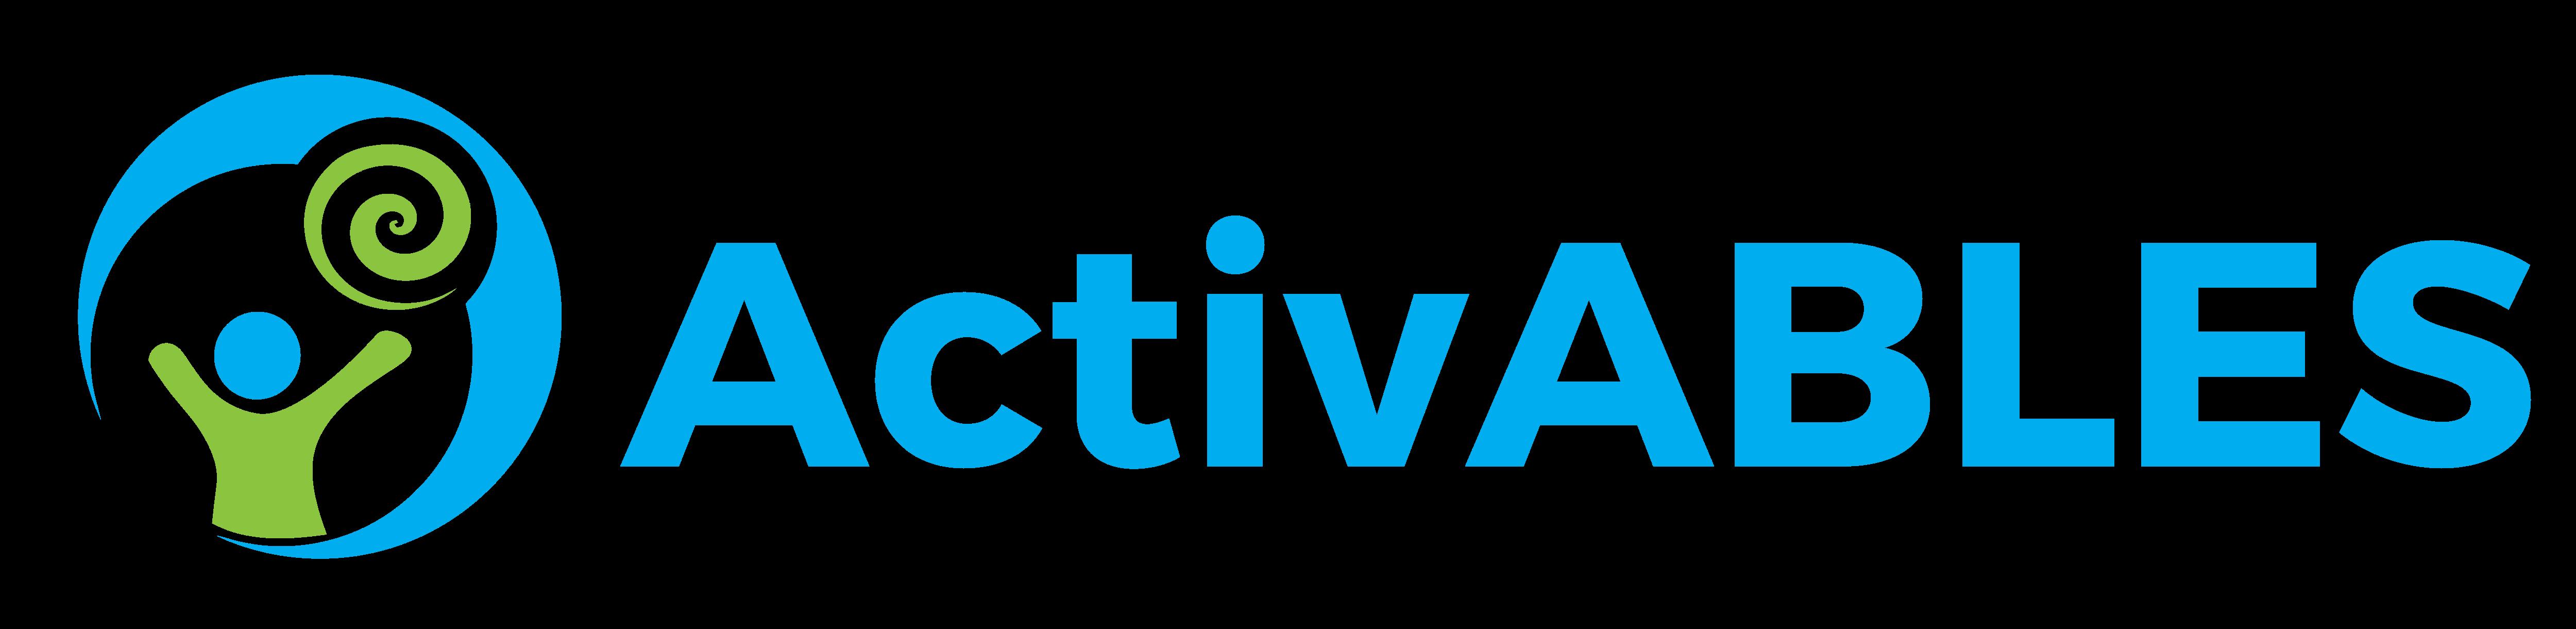 ActivABLES